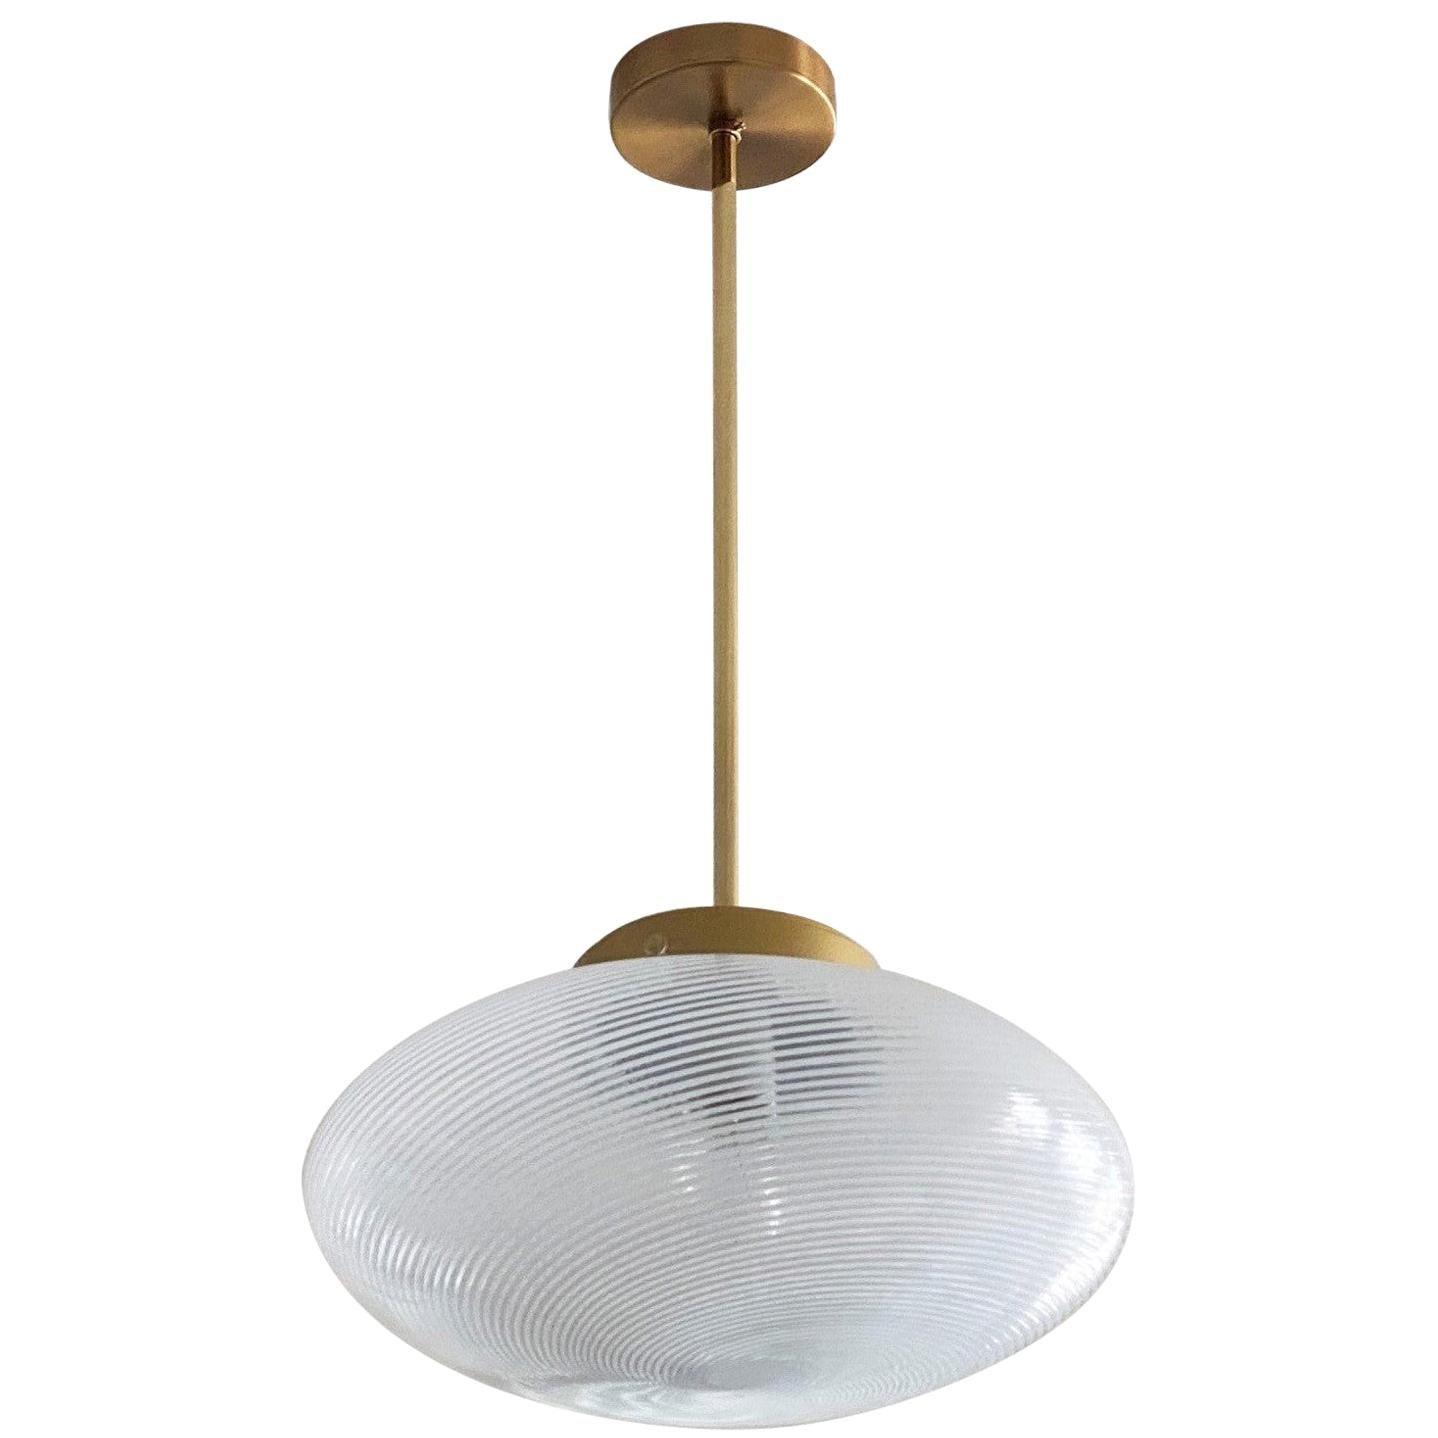 Venini Pendant Murano Glass Brass, Italy, 1960s